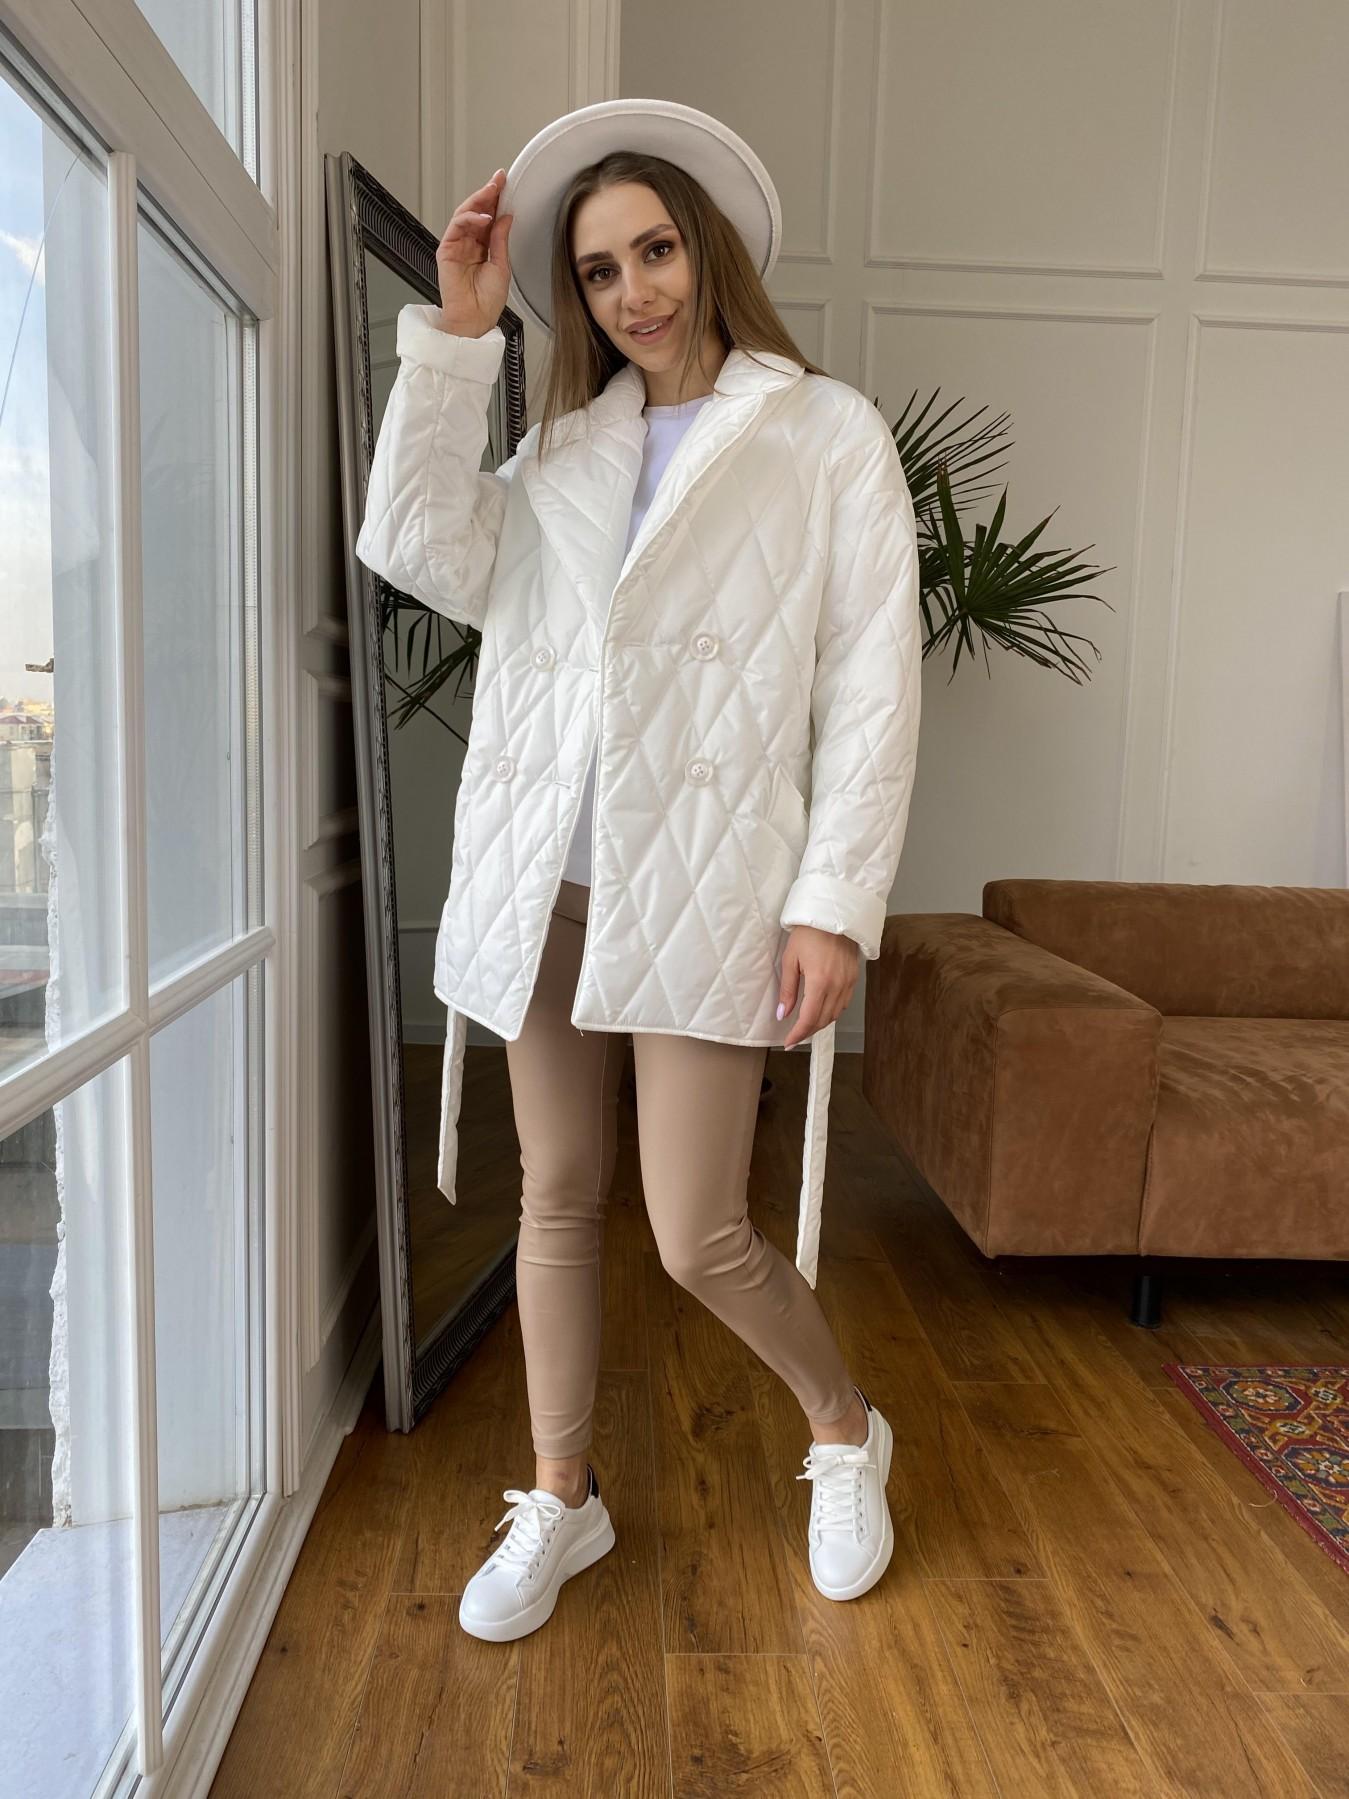 Норд куртка из плащевой ткани стеганая 10883 АРТ. 47423 Цвет: Молоко - фото 1, интернет магазин tm-modus.ru